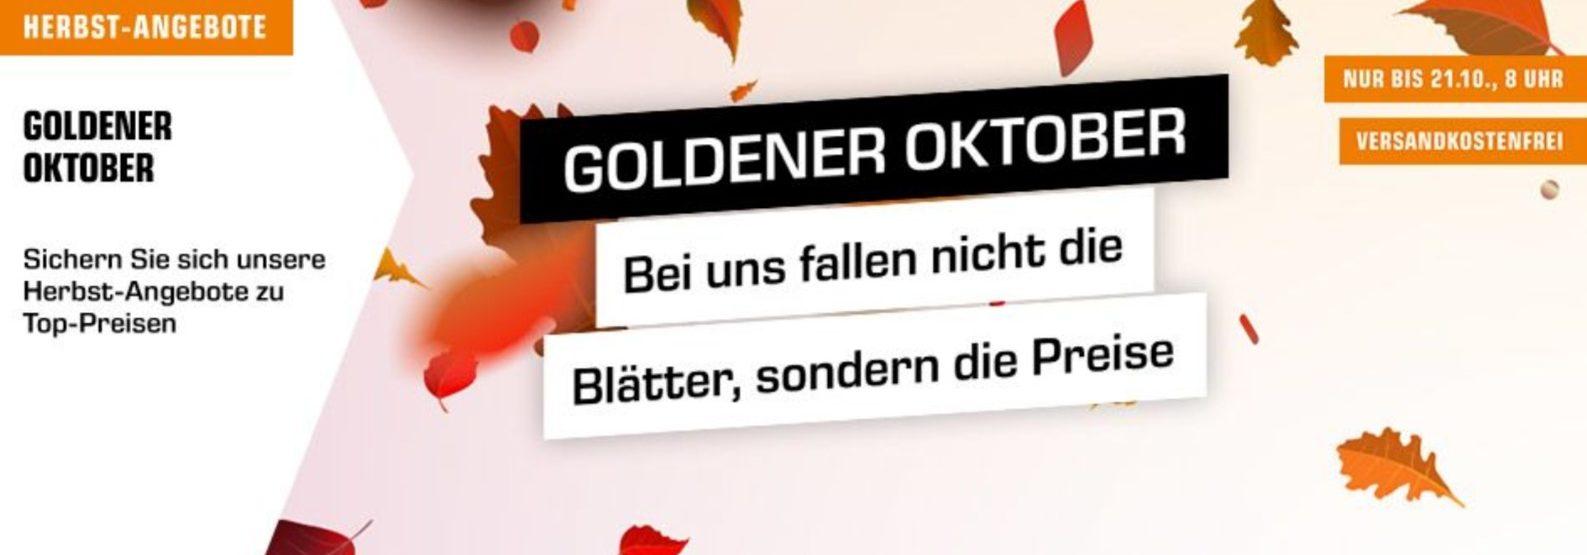 """Saturn startet """"Goldener Oktober""""-Aktion mit zahlreichen Rabatten"""